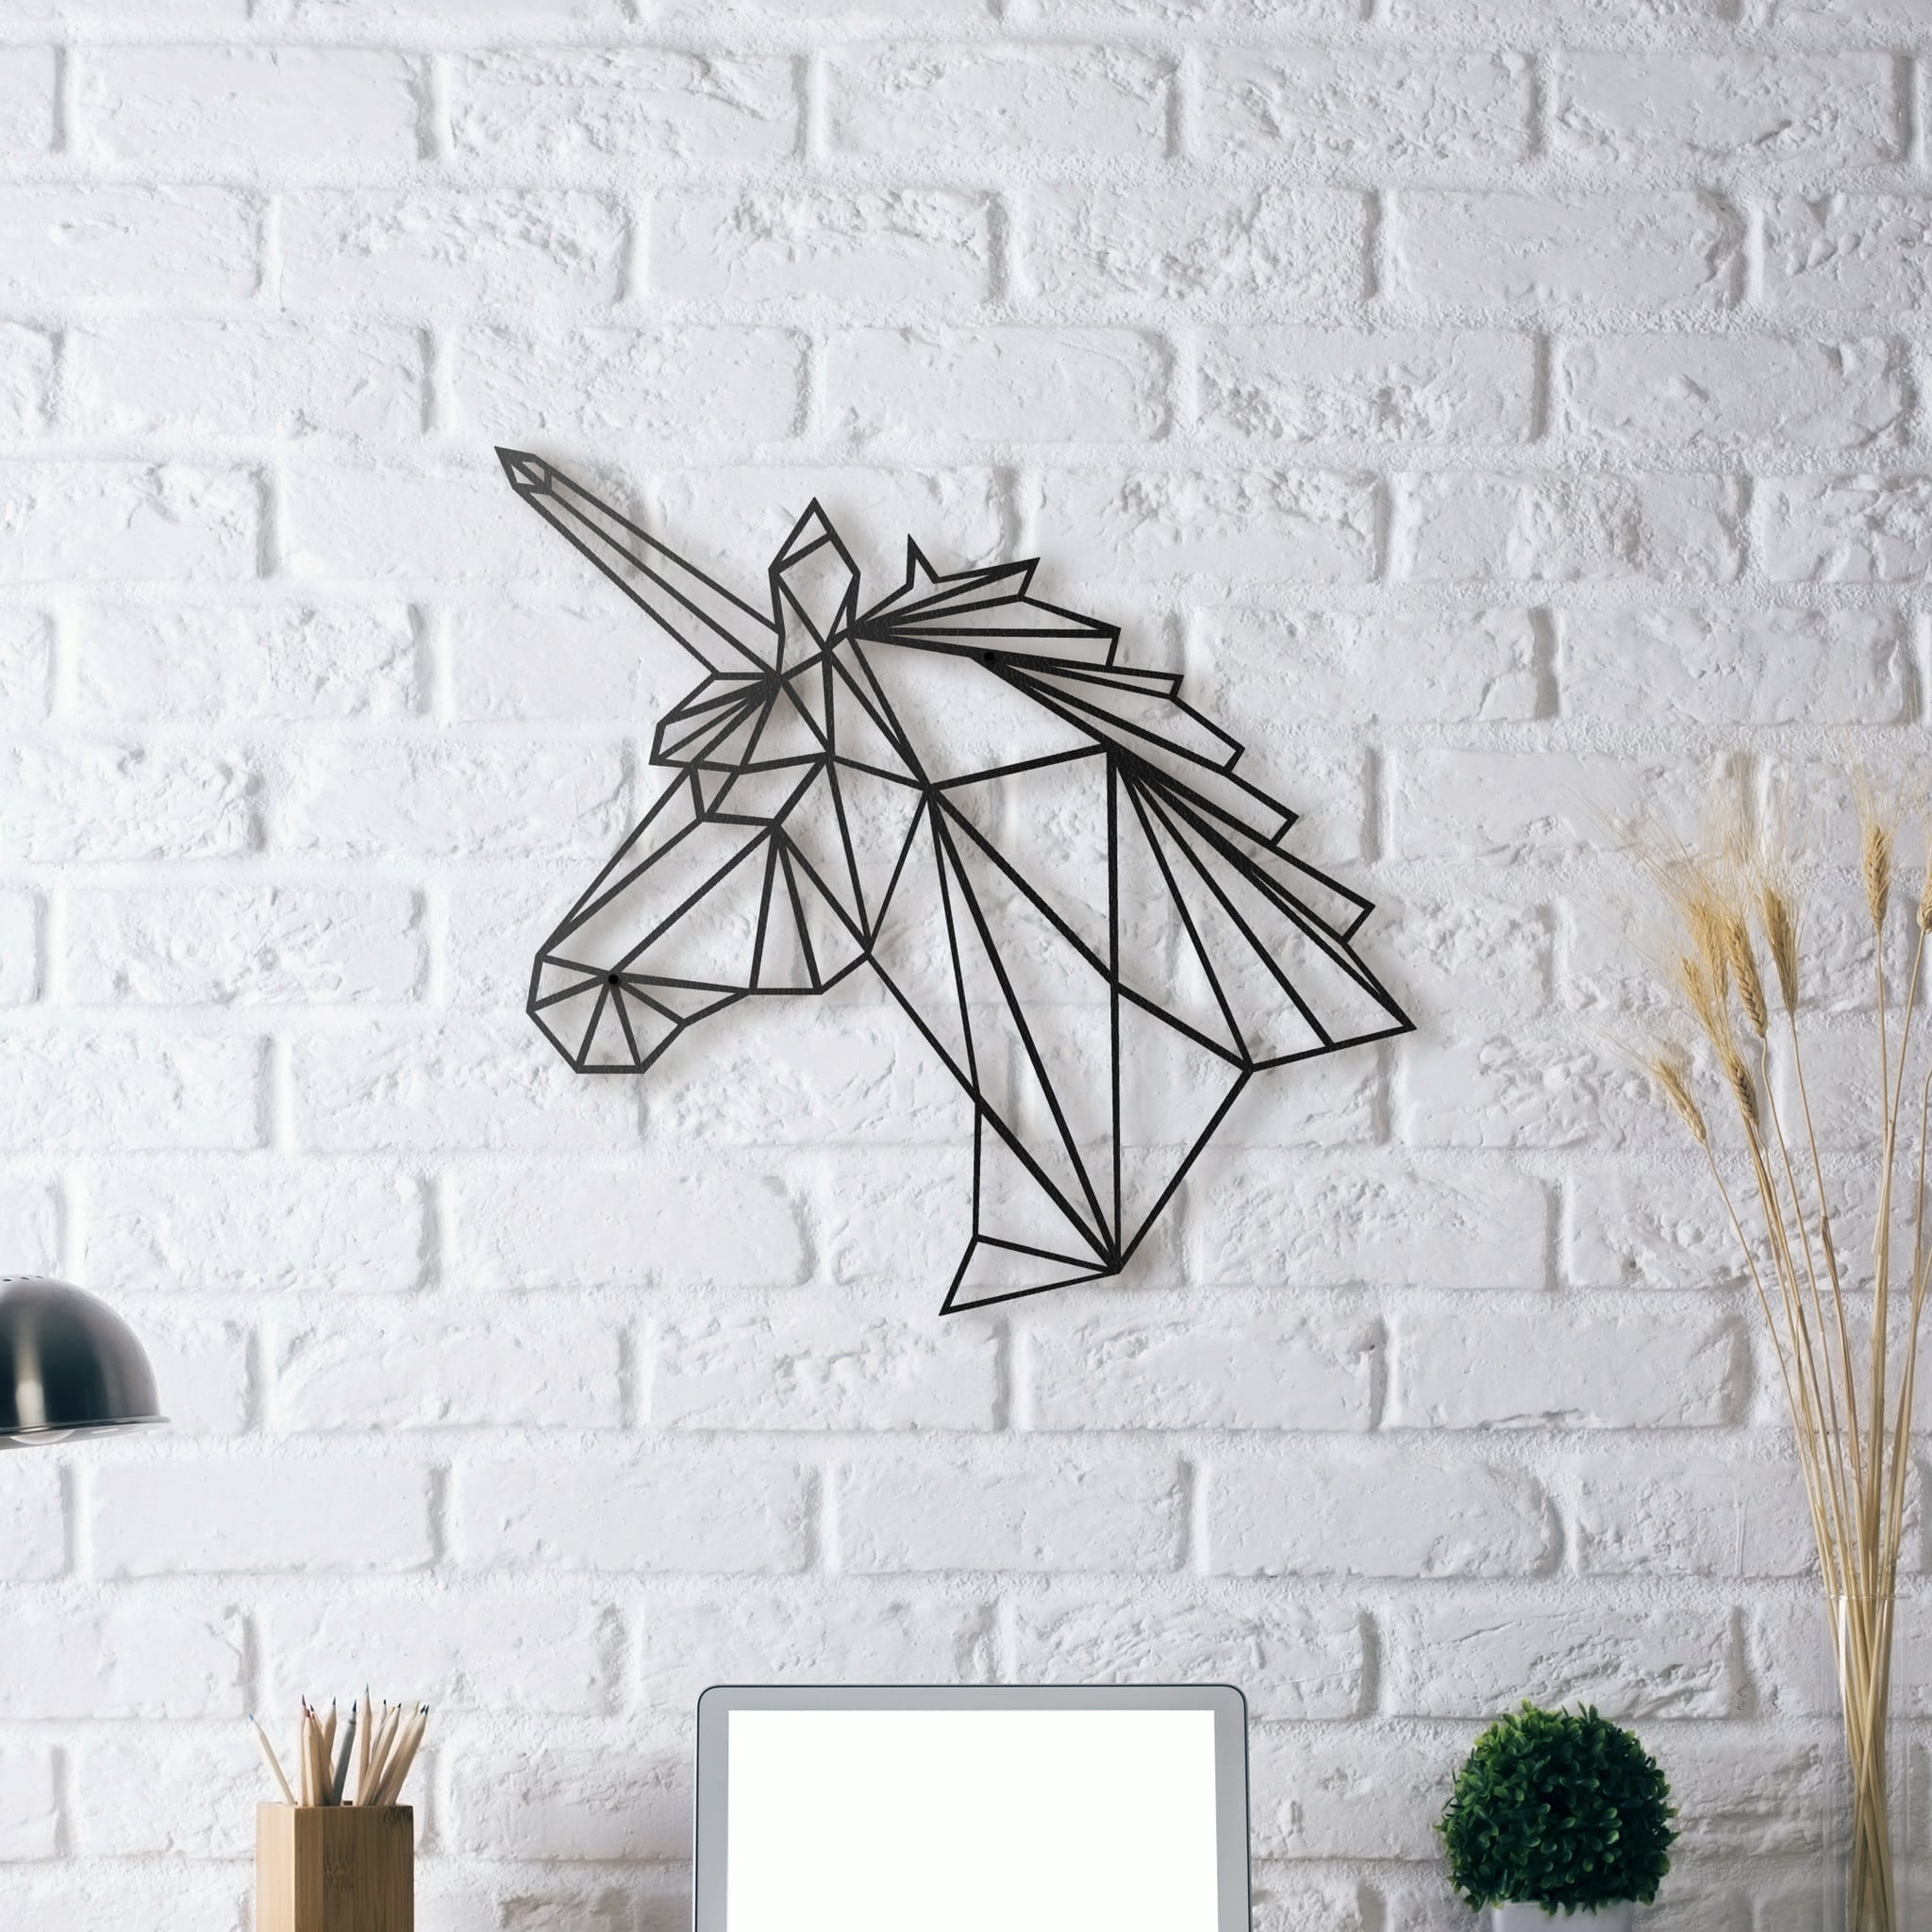 Deco mur métal design d'une tête de licorne contemporaine pour chambre d'enfant